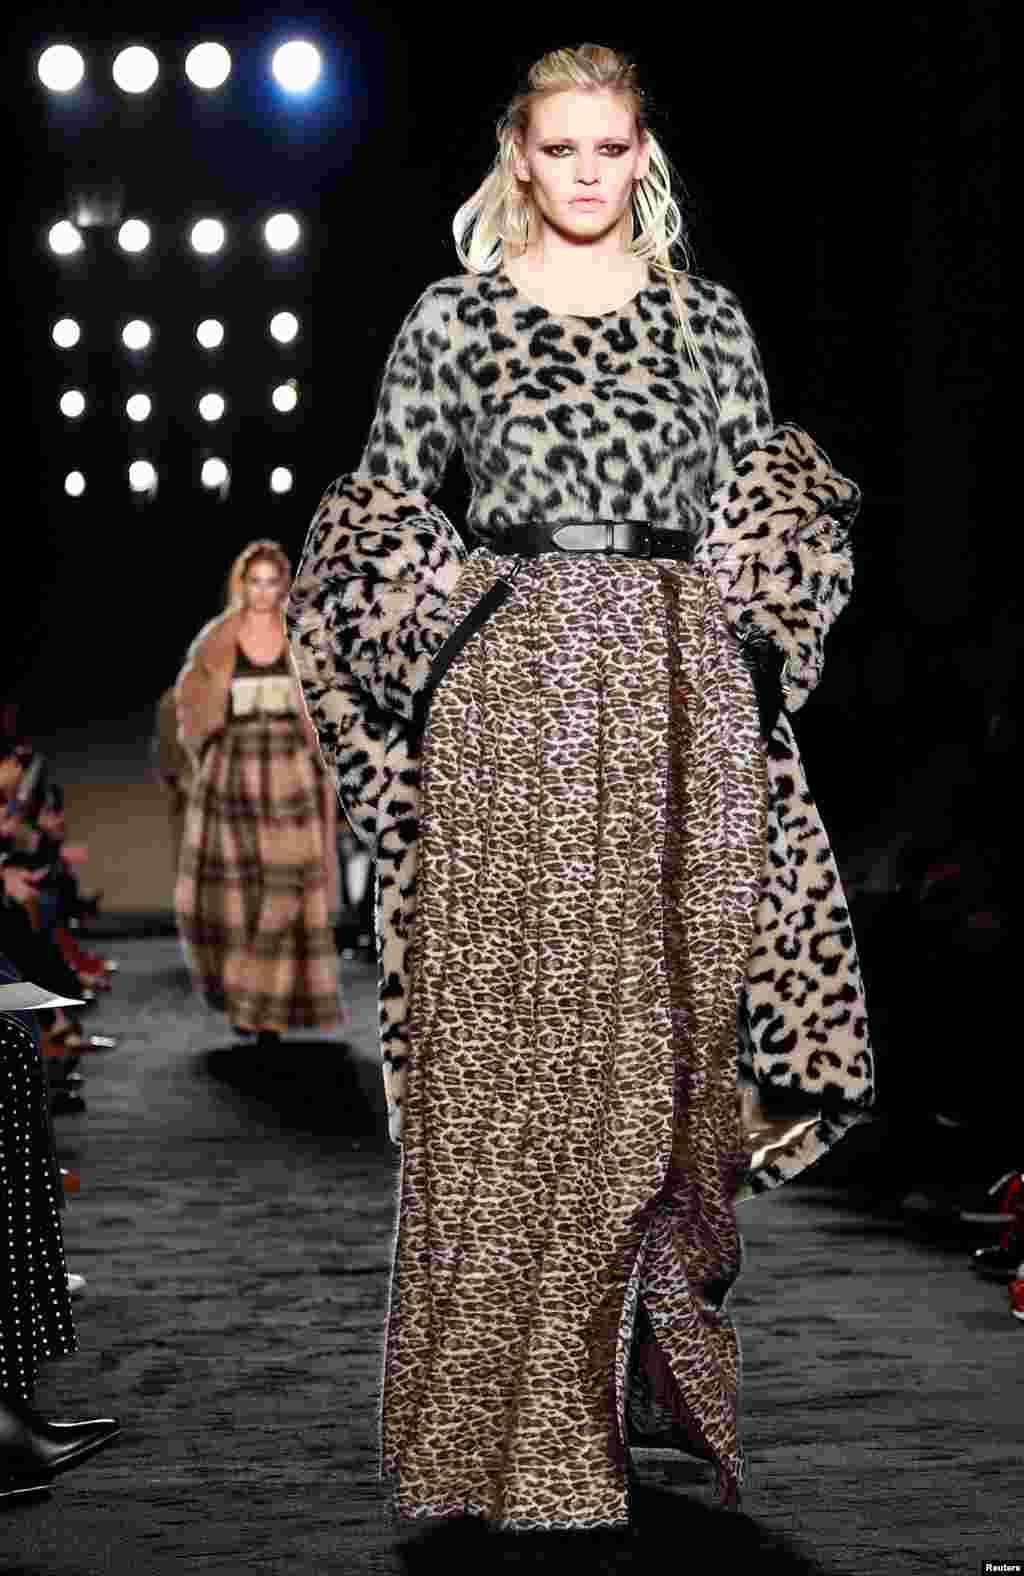 نمایش مجموعه لباس های پائیزه- زمستانه ۲۰۱۸ مارک ایتالیایی «ماکس مارا» در هفته مد میلان ایتالیا